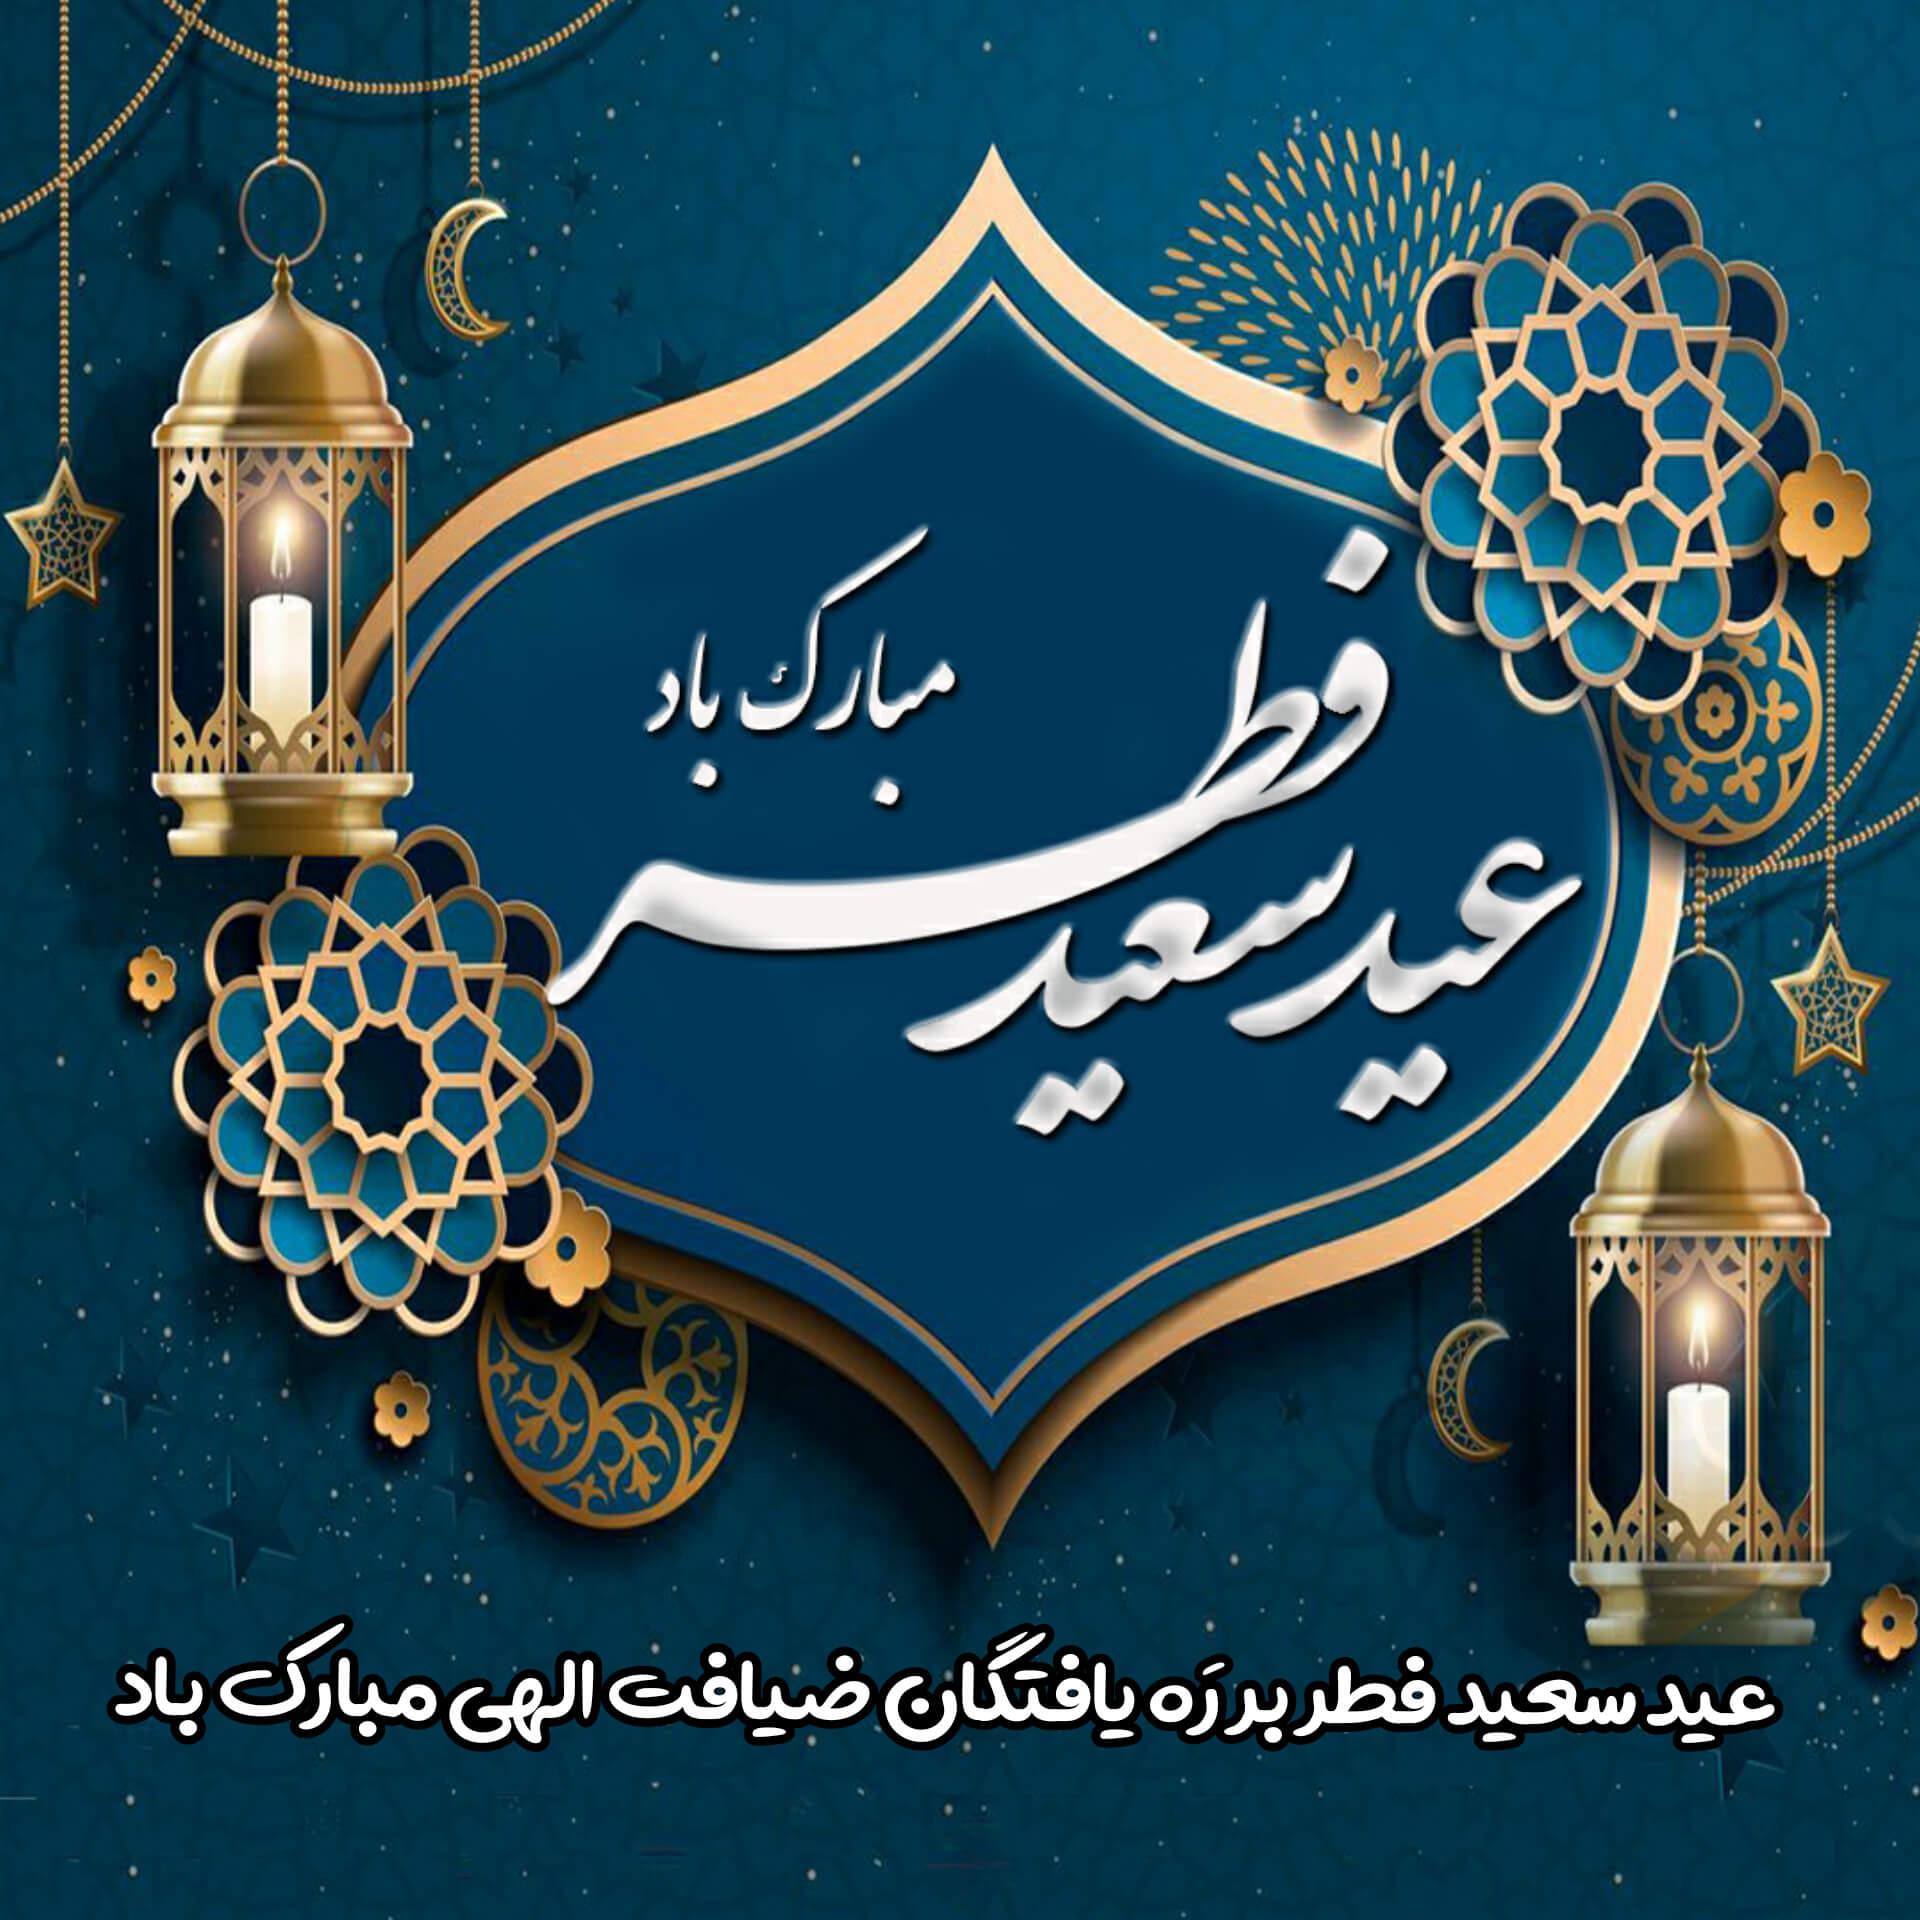 رفتار ملائک با مؤمنان در روز عید فطر